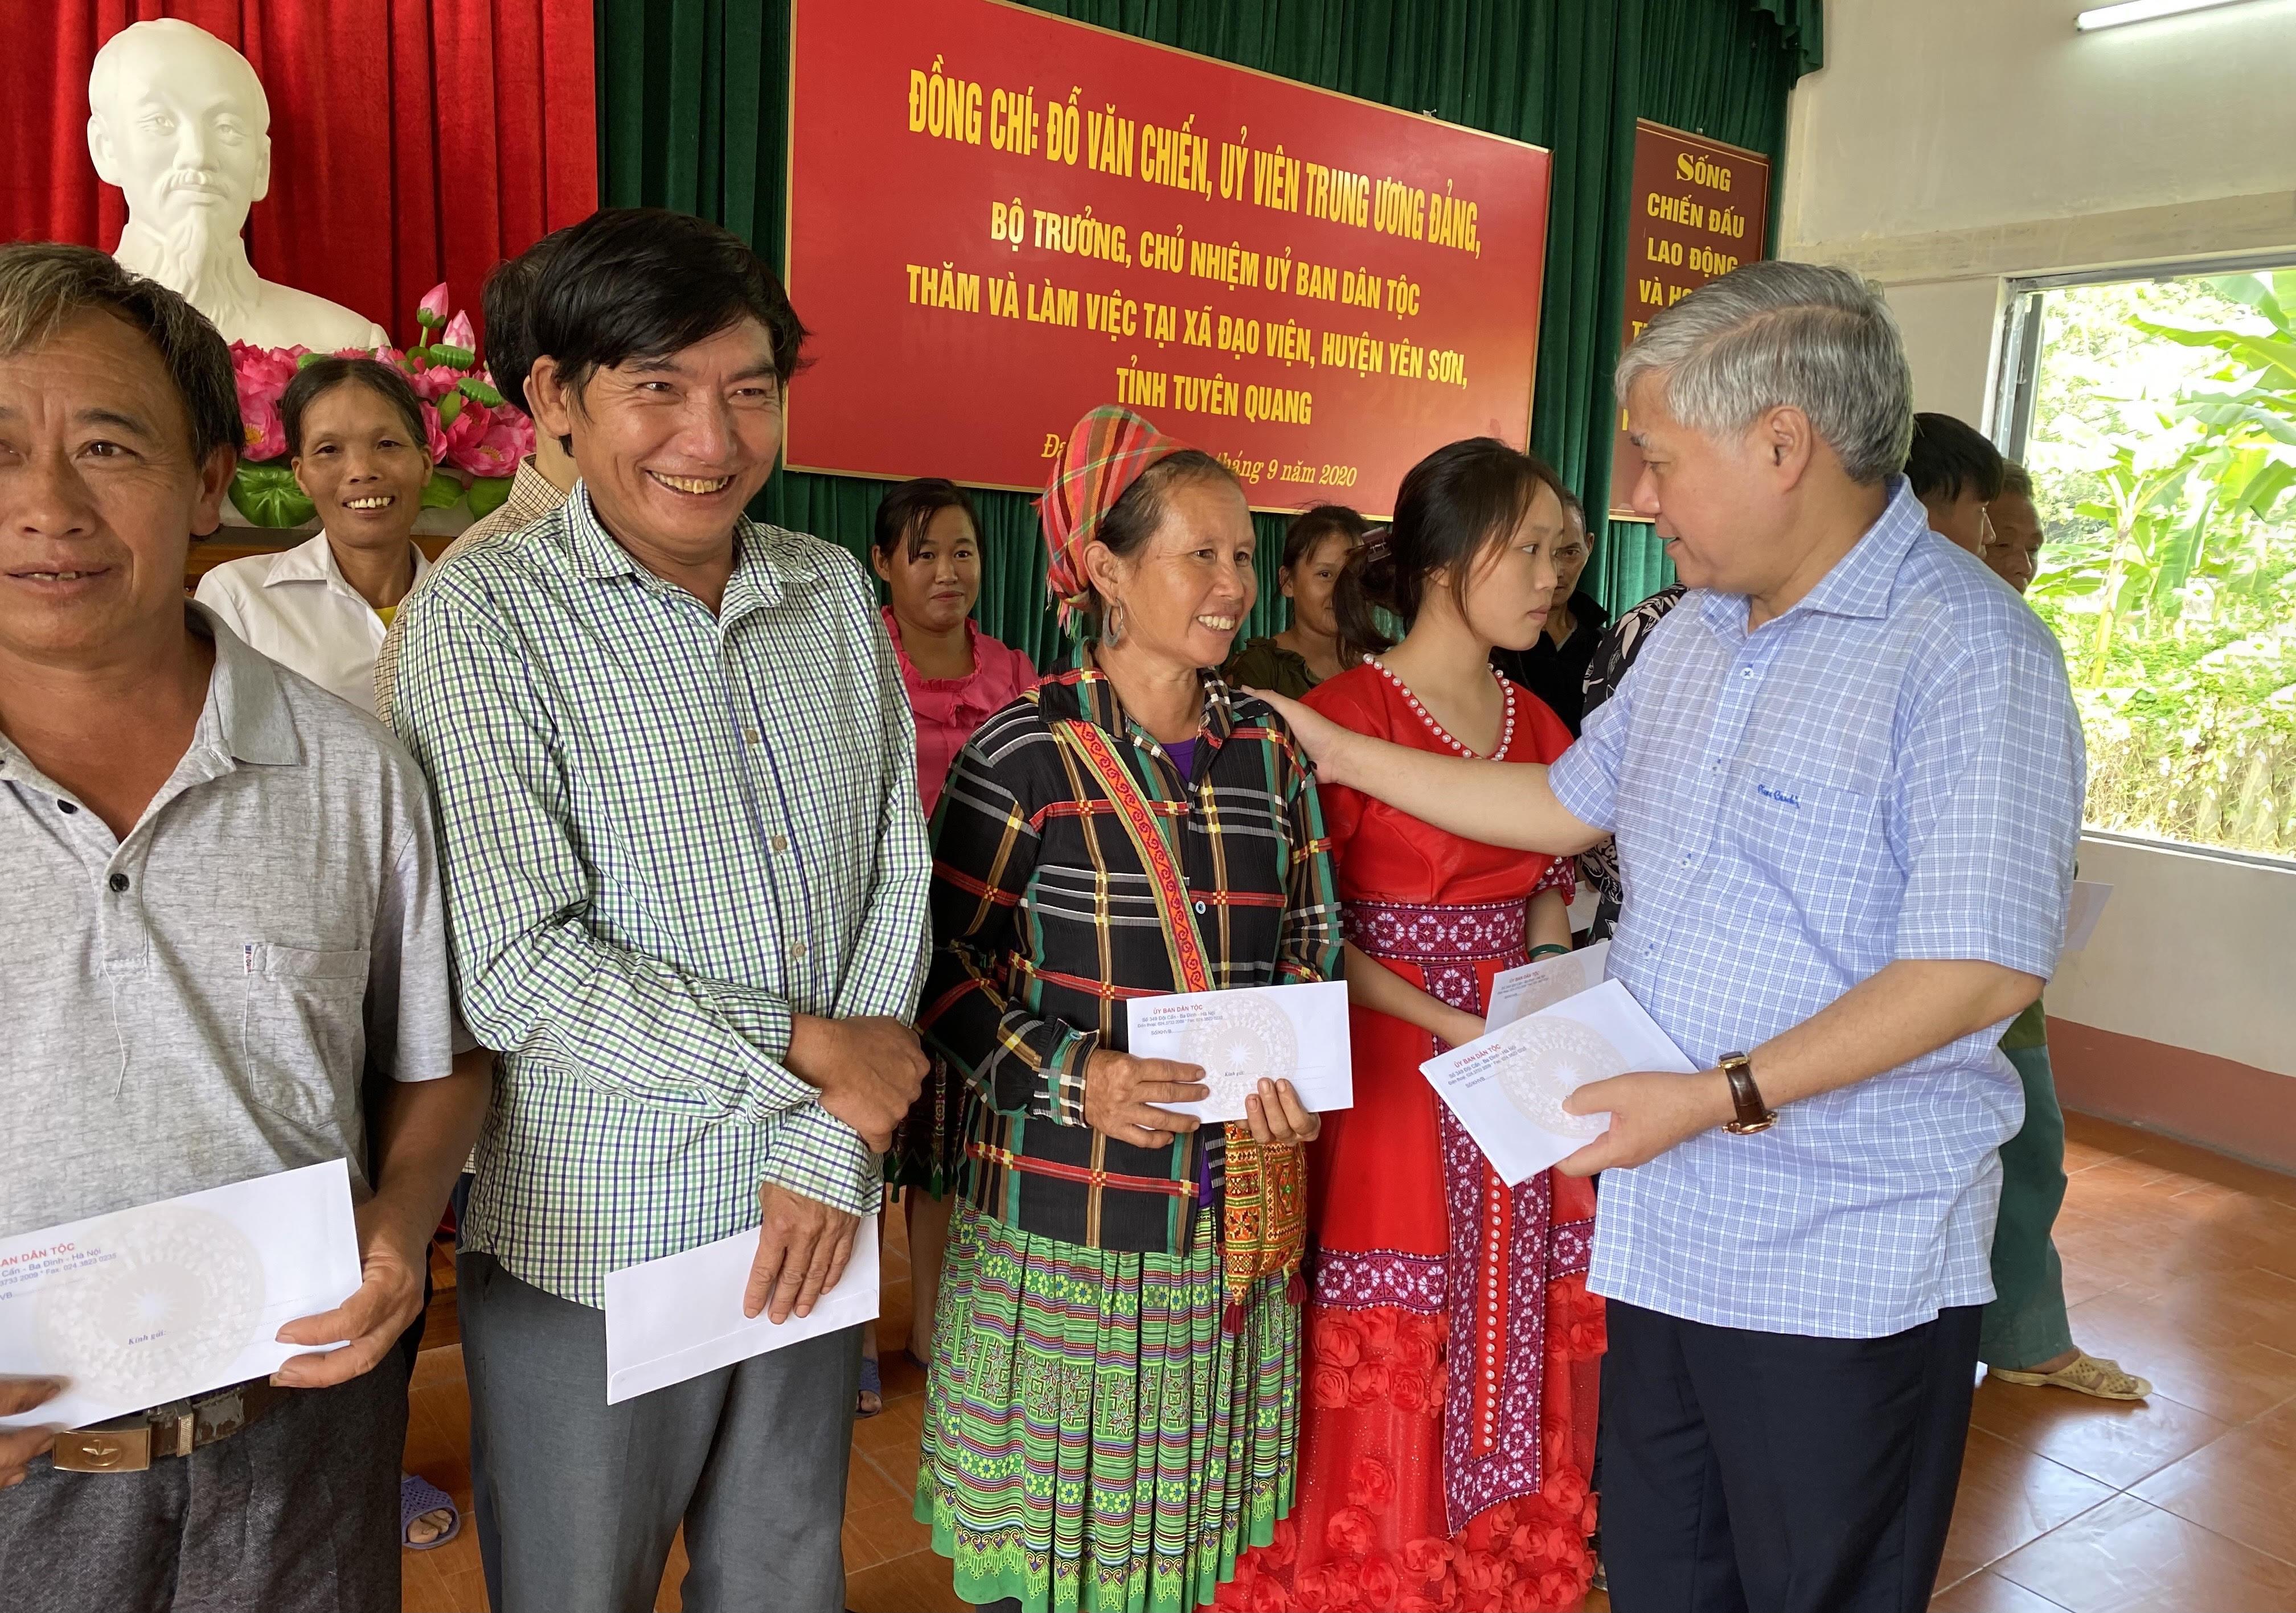 Bộ trưởng, Chủ nhiệm UBDT Đỗ Văn Chiến tặng quà cho các hộ nghèo xã Đạo Viện.